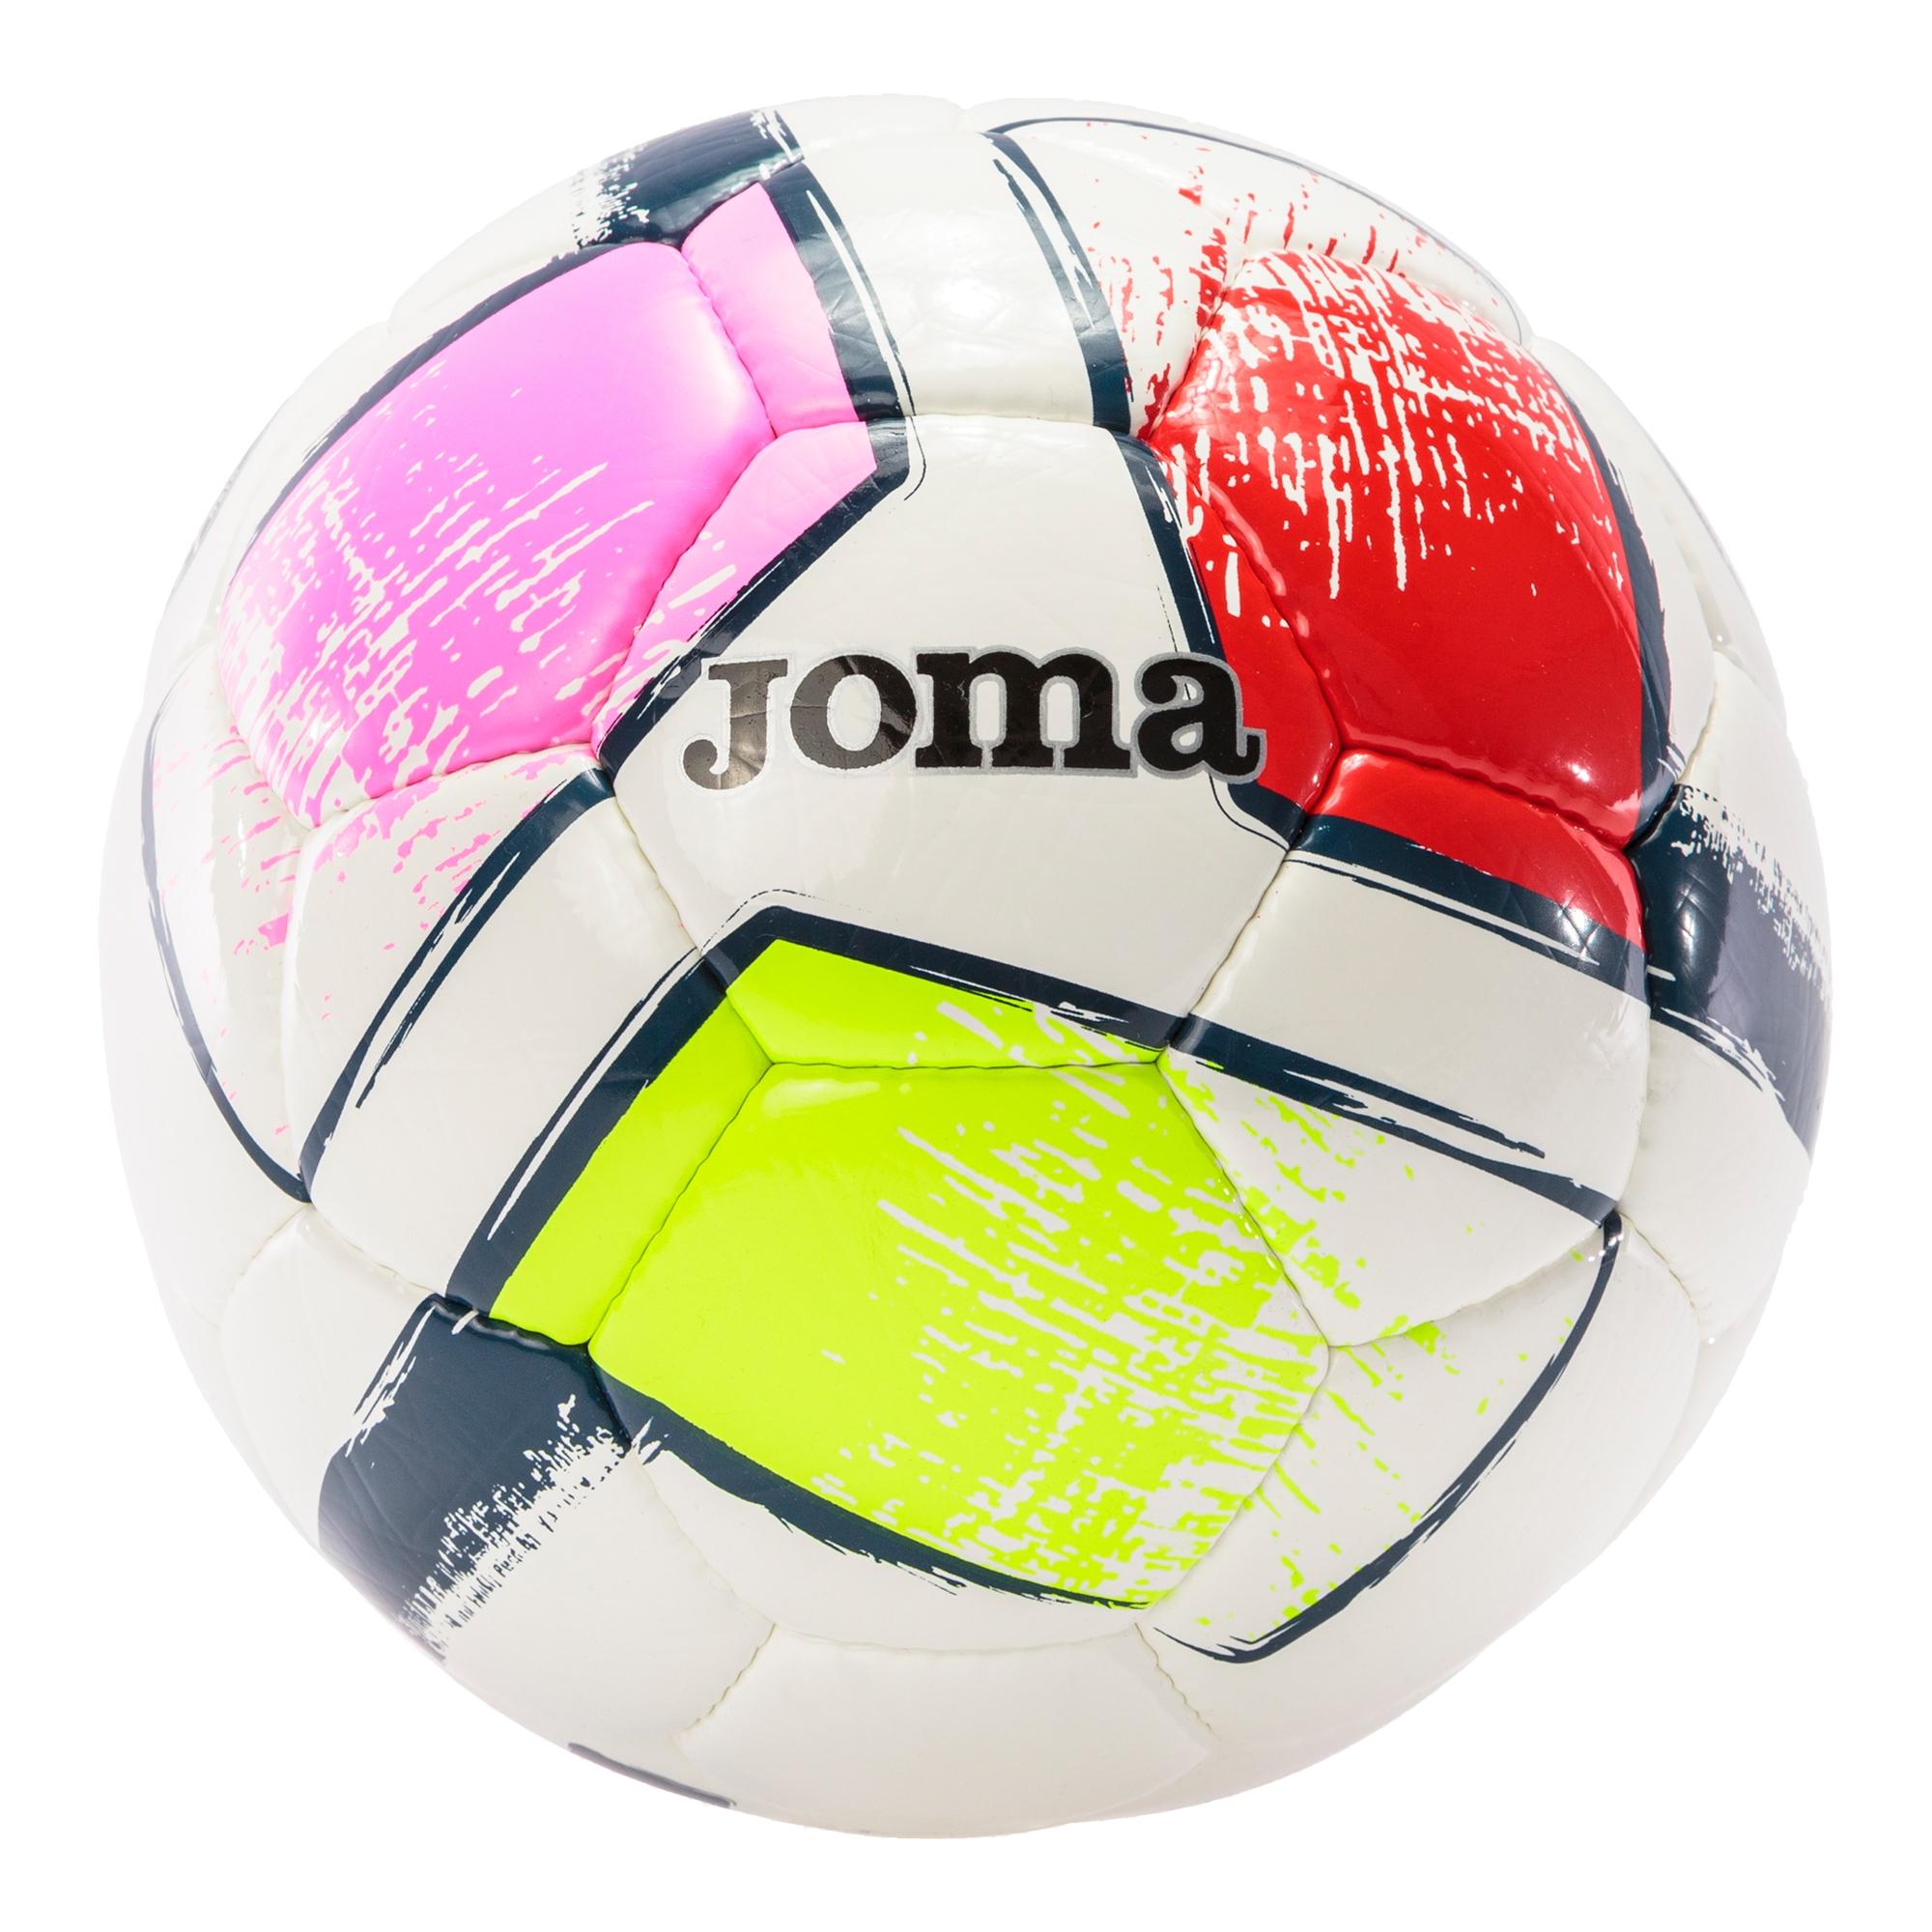 Minge fotbal Joma Dali II,  Marime 5